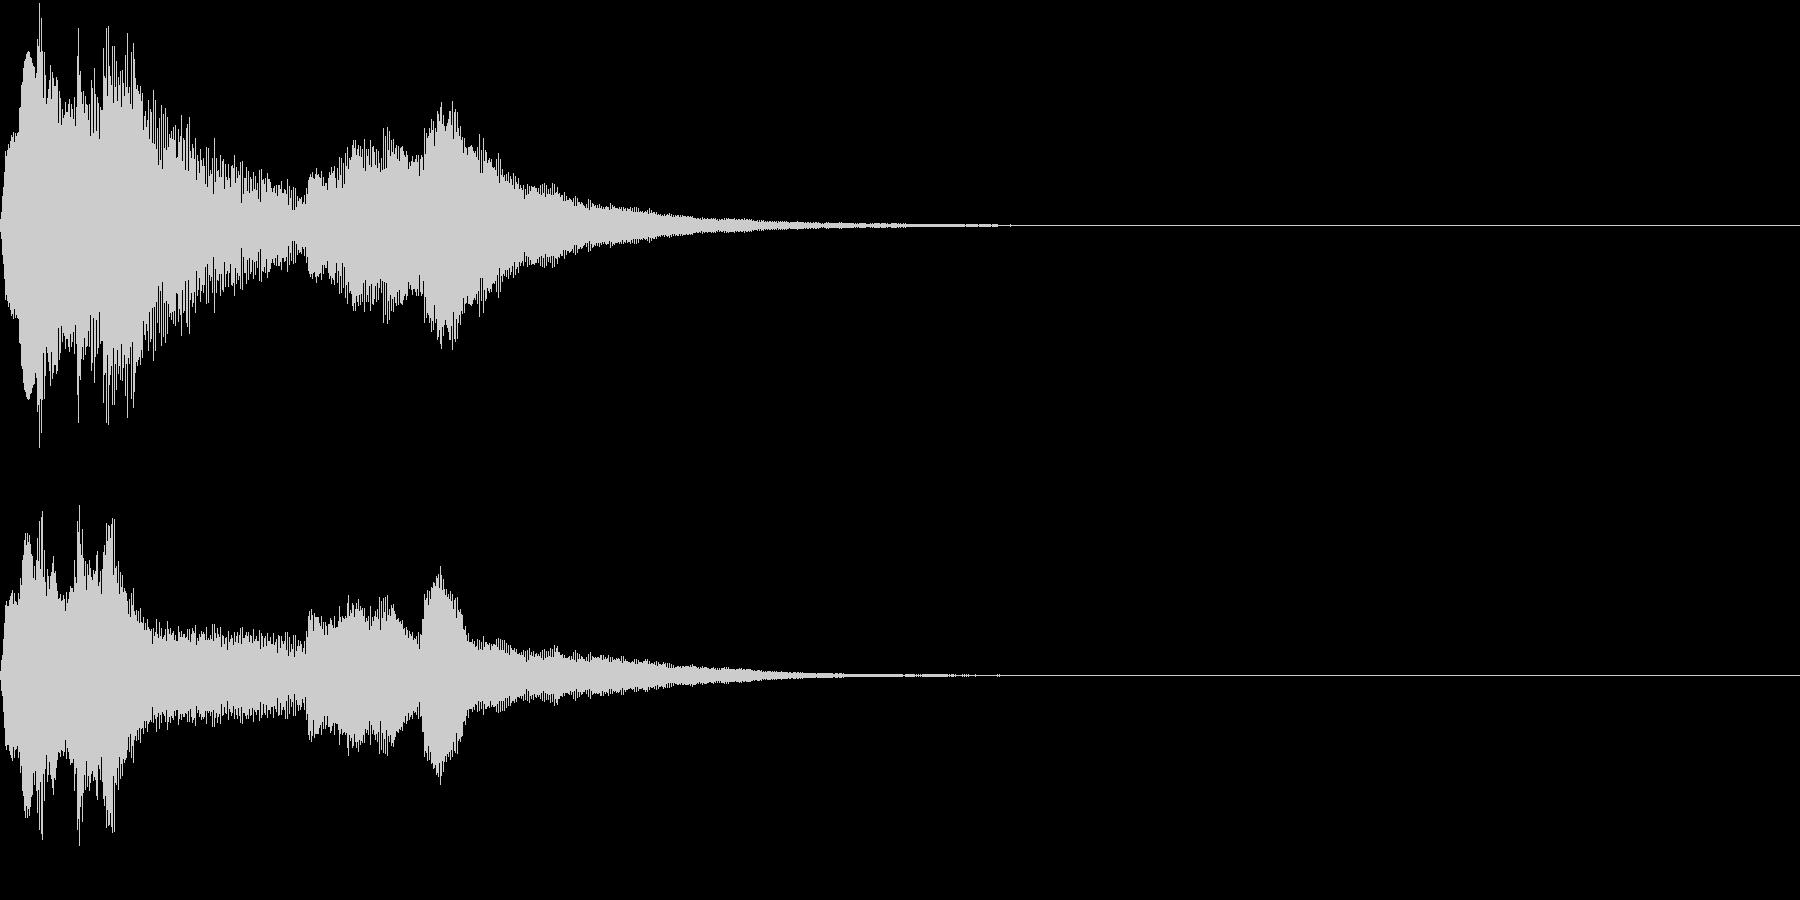 理科 化学 実験 変化 不思議 18の未再生の波形